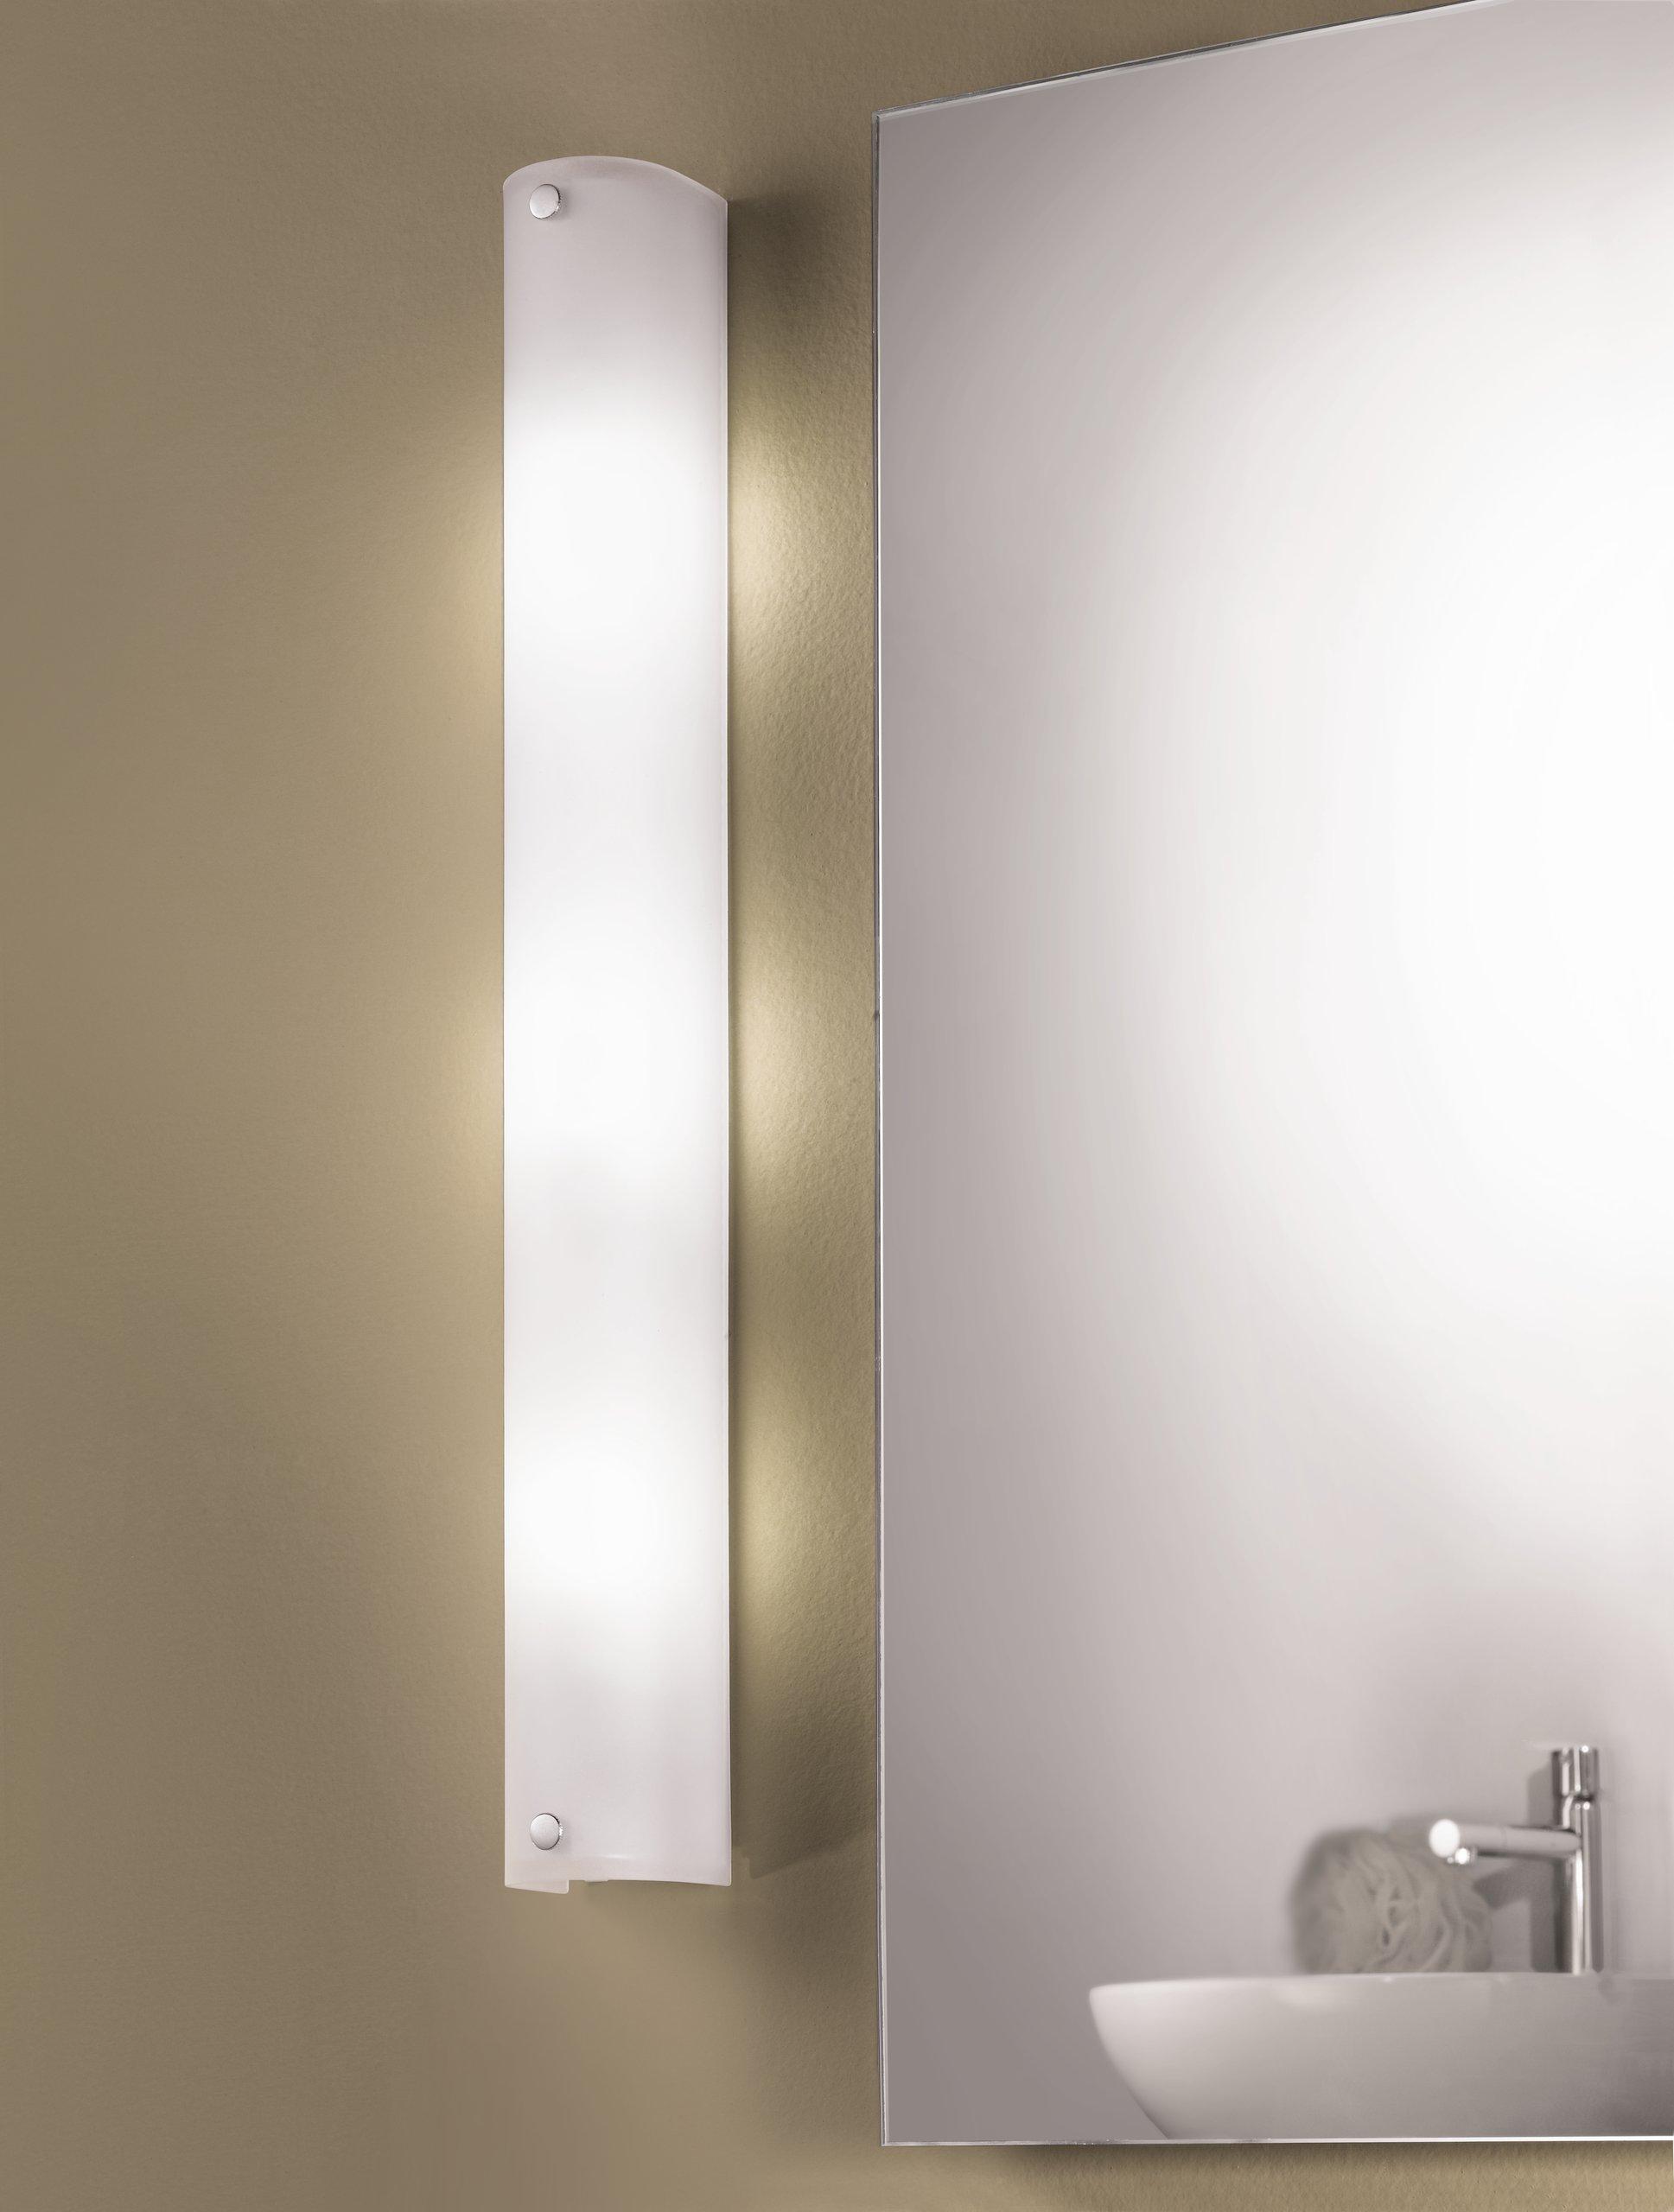 0c82c2a586d3d V prípade, že budete potrebovať s výberom osvetlenia do kúpeľne pomôcť,  neváhajte sa na nás obrátiť. Radi vám poradíme.